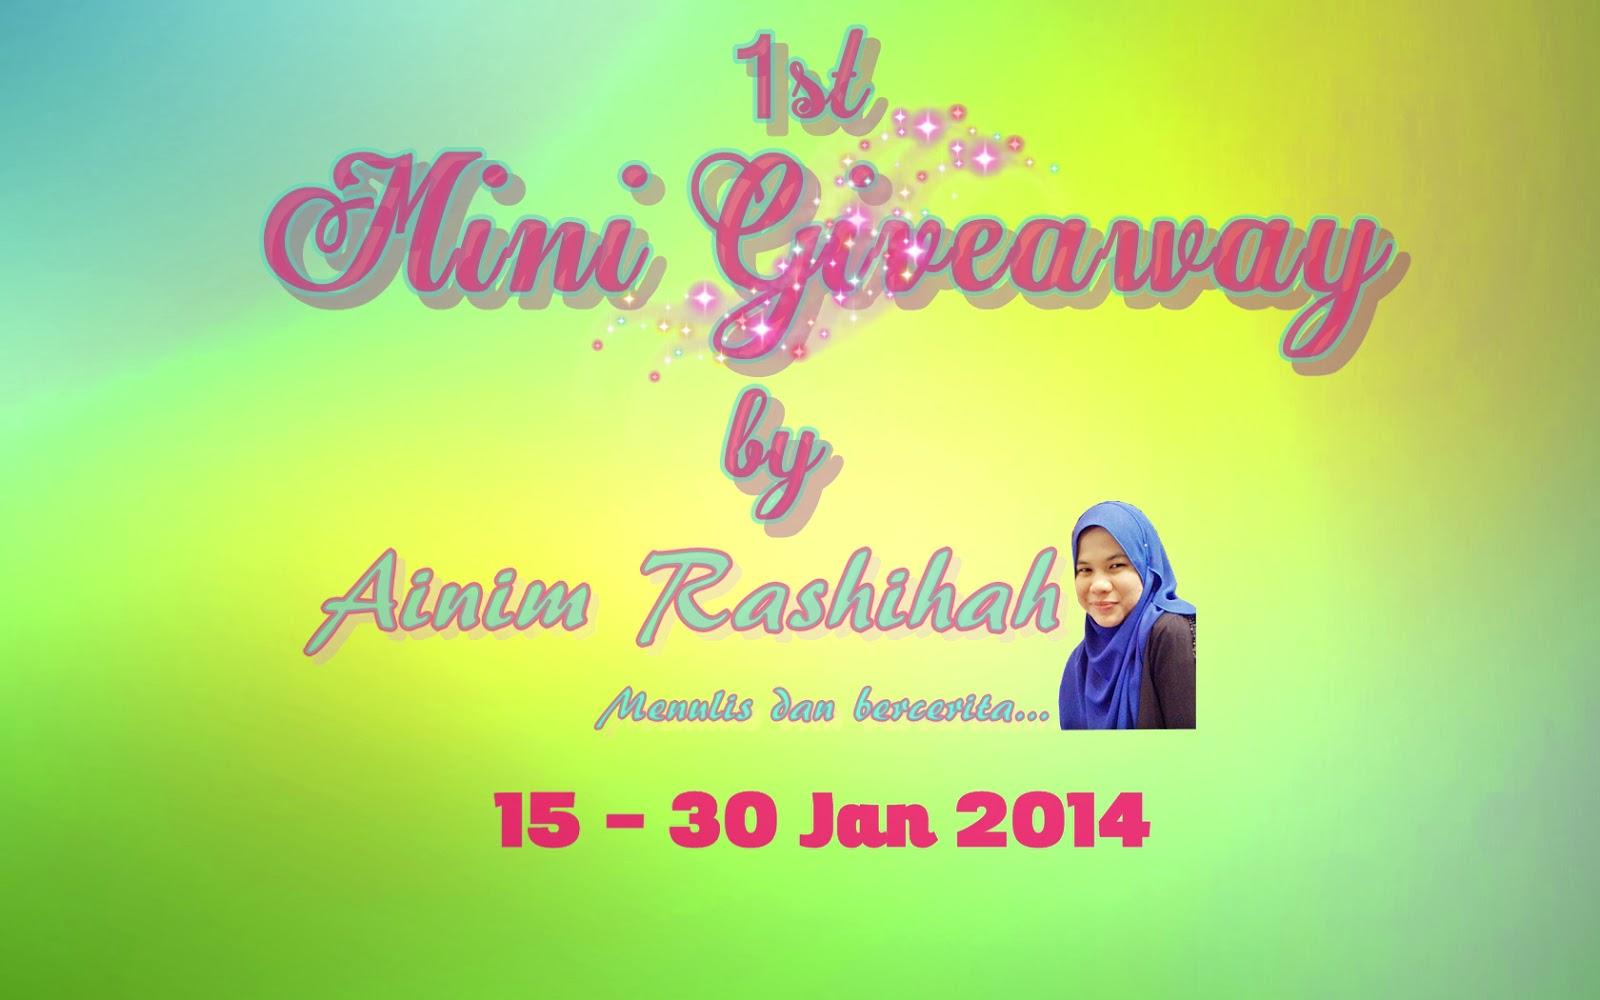 http://ainimrashihah.blogspot.com/2014/01/1st-mini-giveaway-by-ainim-rashihah.html